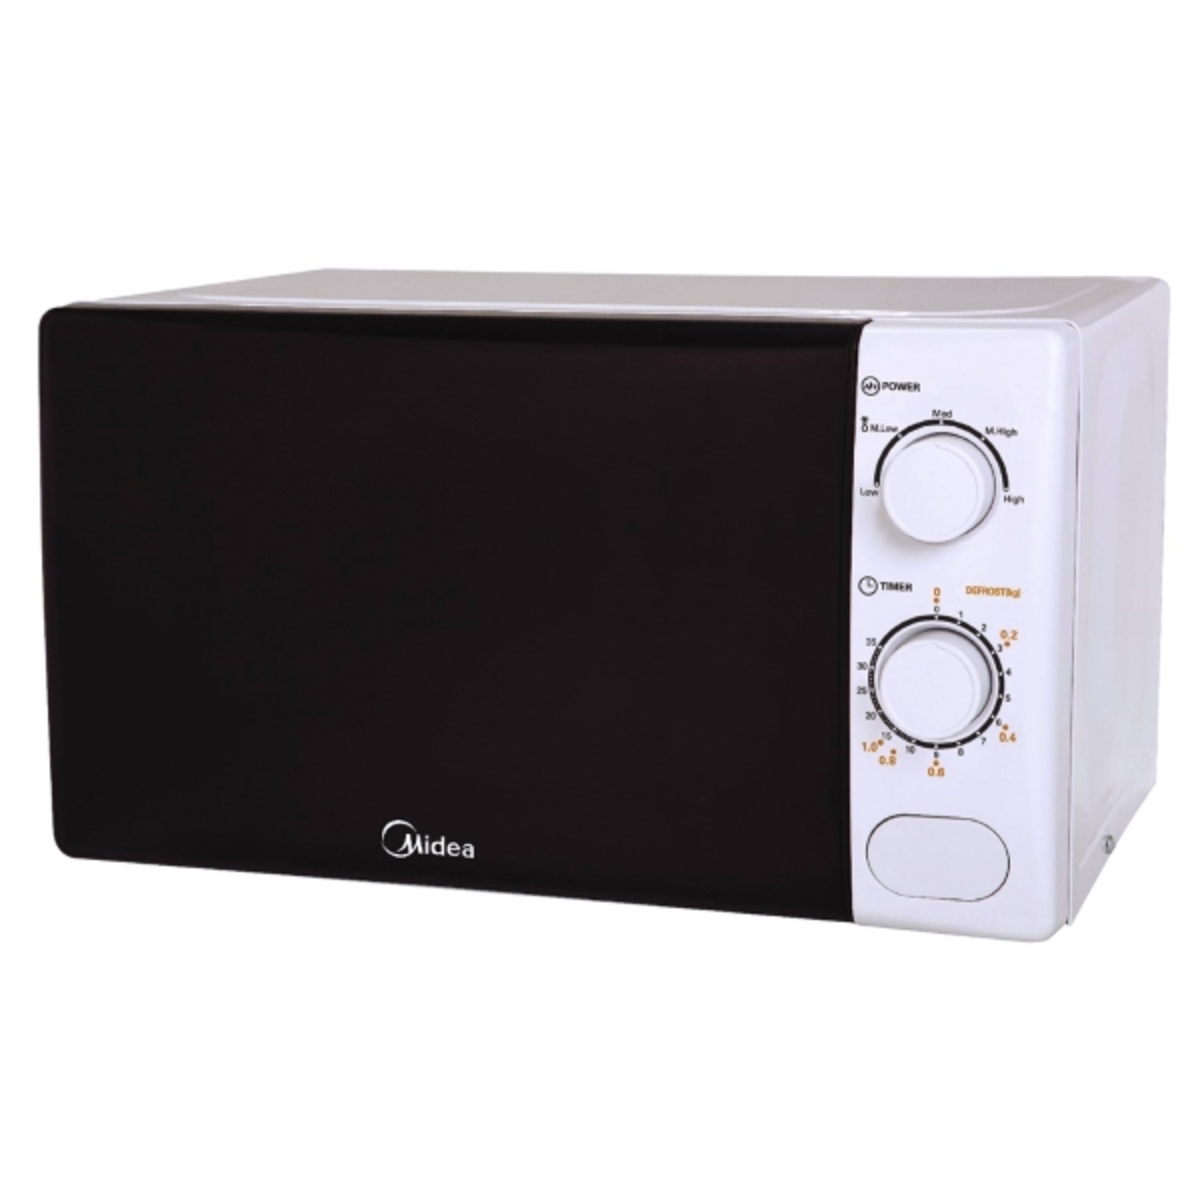 Midea Microwave Oven 20l Mm720cxm